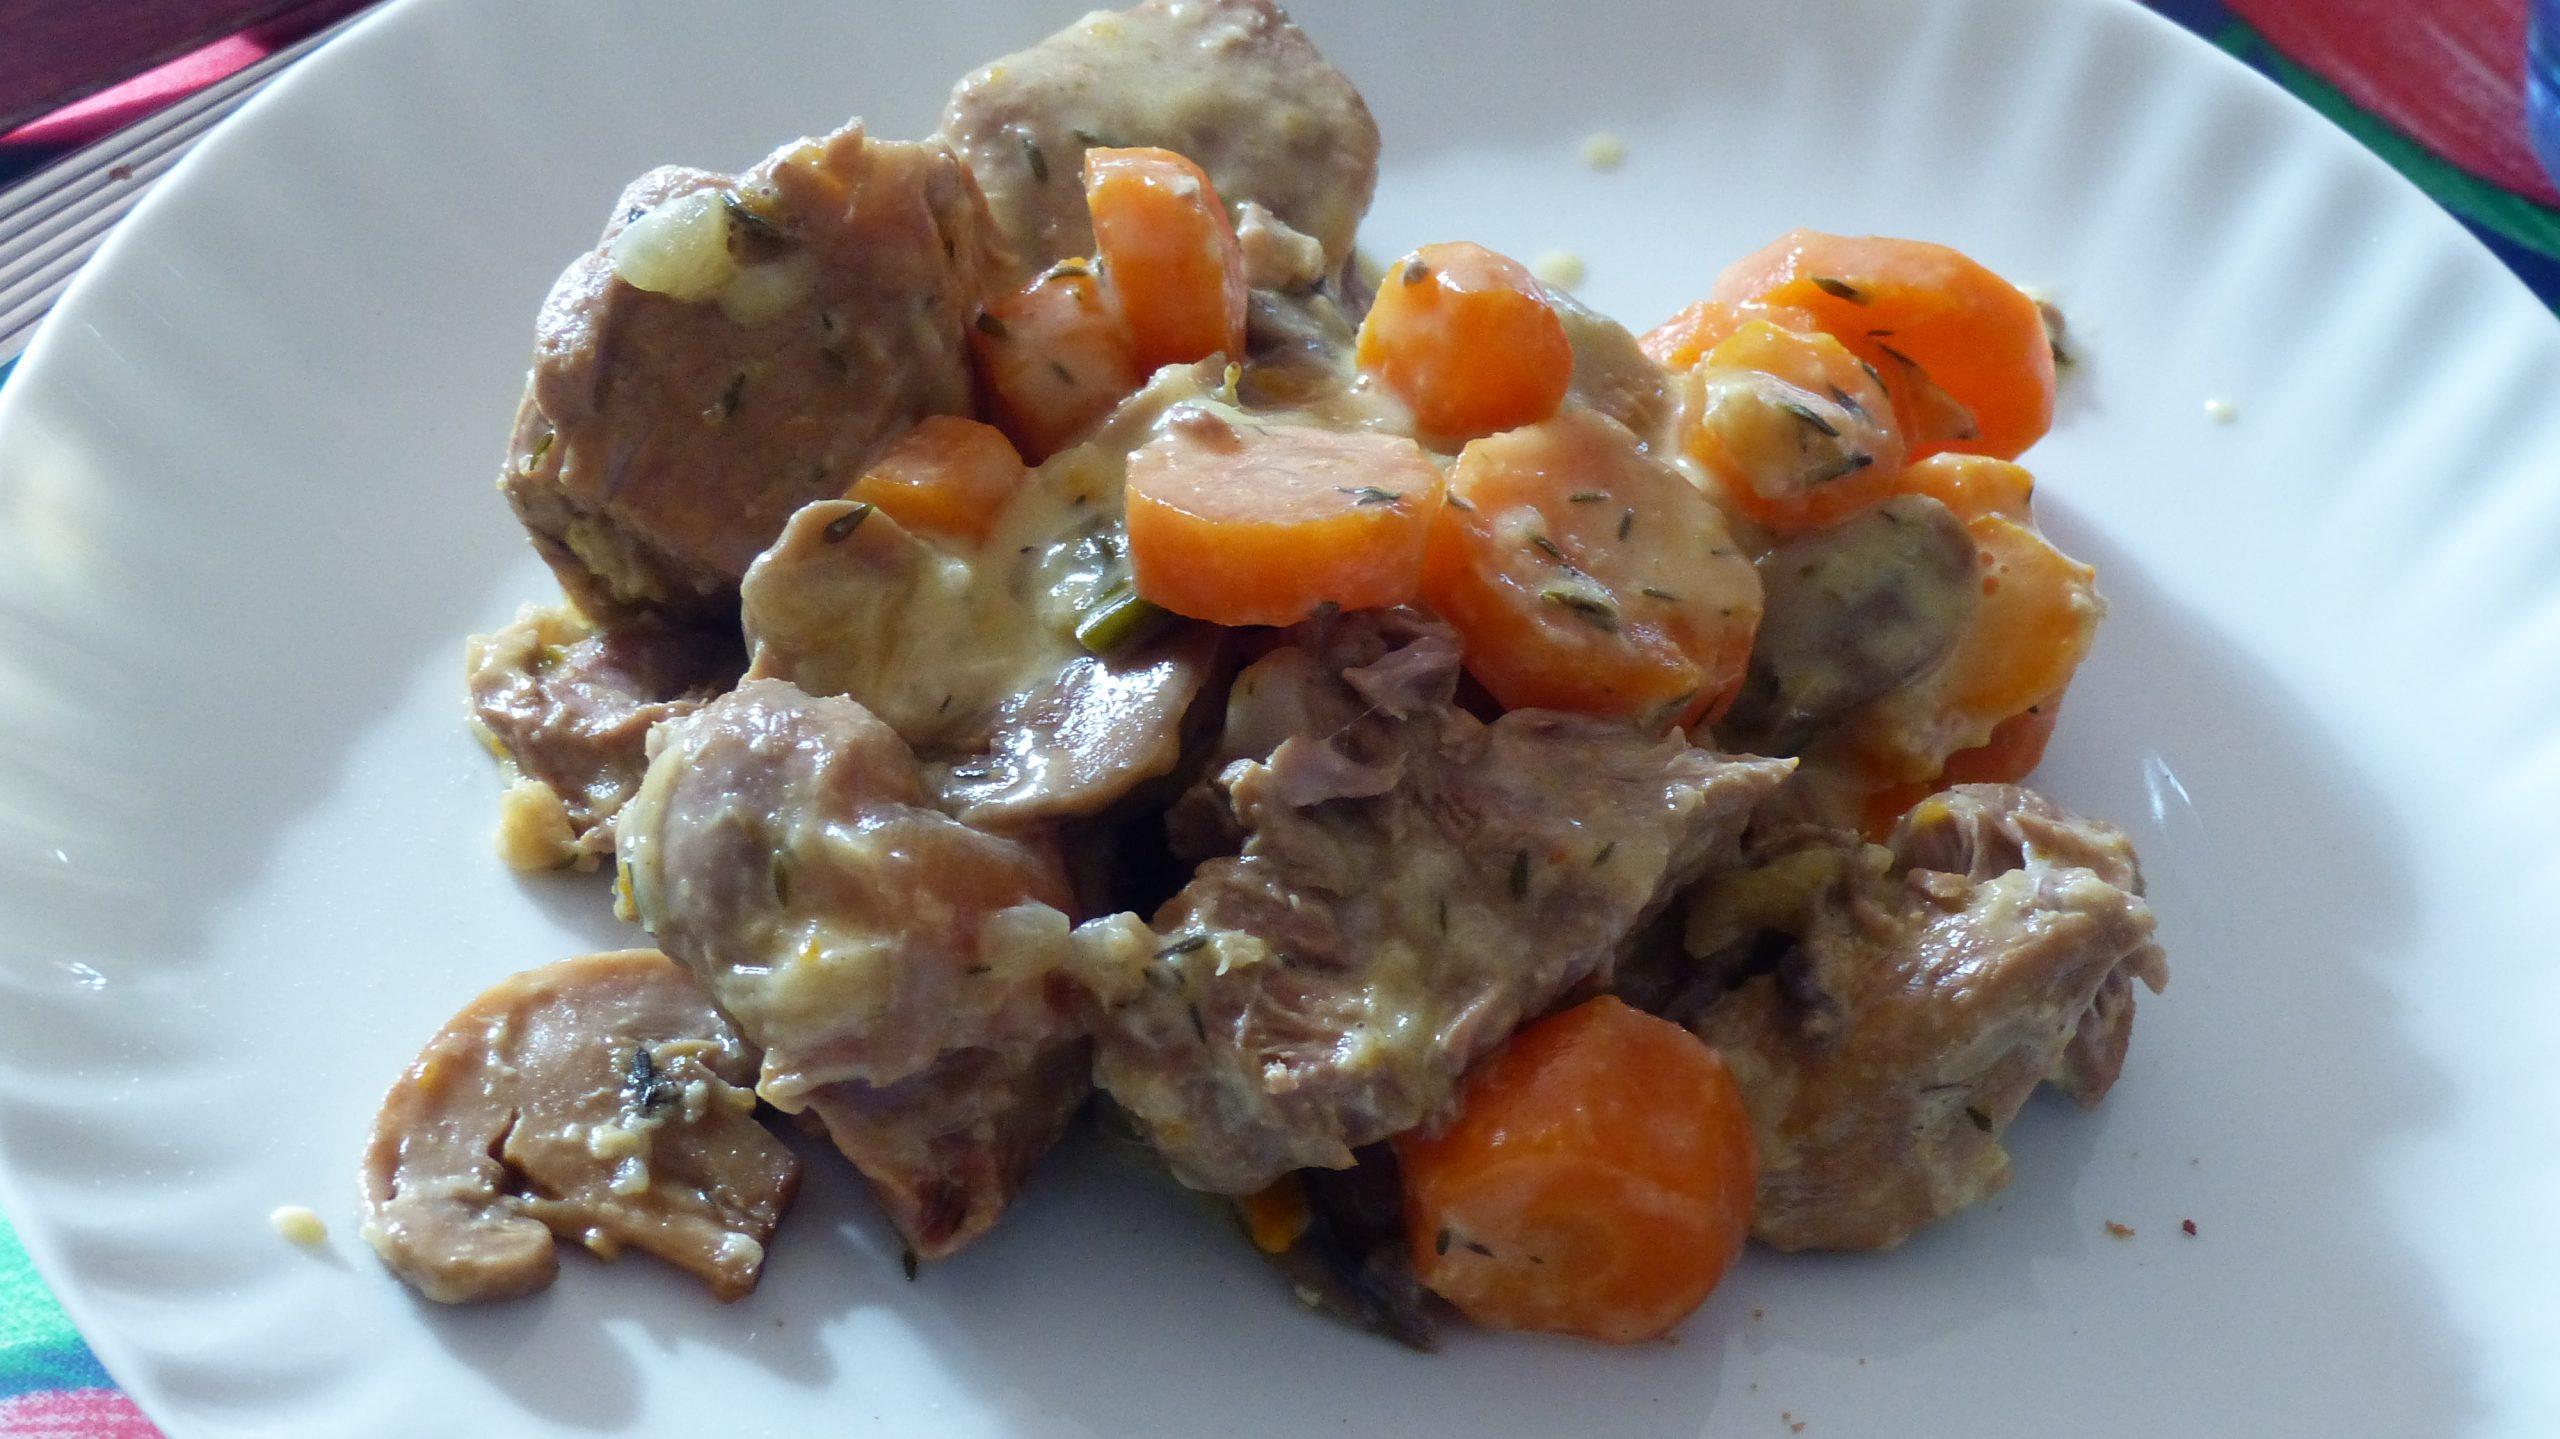 Blanquette de veau au multi cuiseur